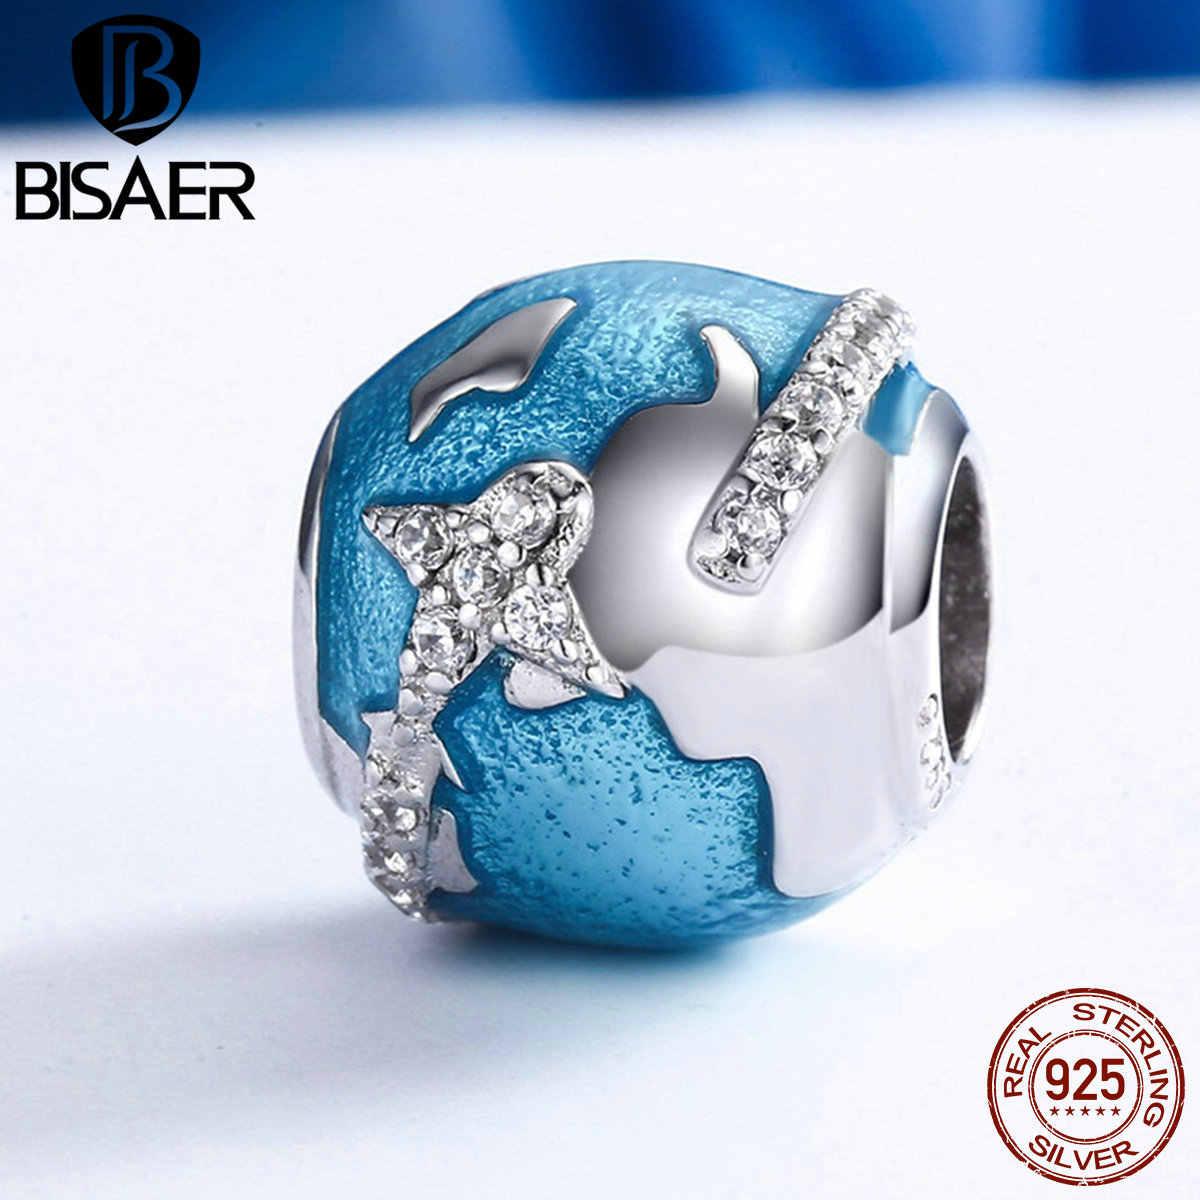 BISAER Plata de Ley 925 auténtica mundo de viaje encantos planeta estrella Luna borla pulseras de dijes con encaje de cuentas plata 925 joyería ECC183